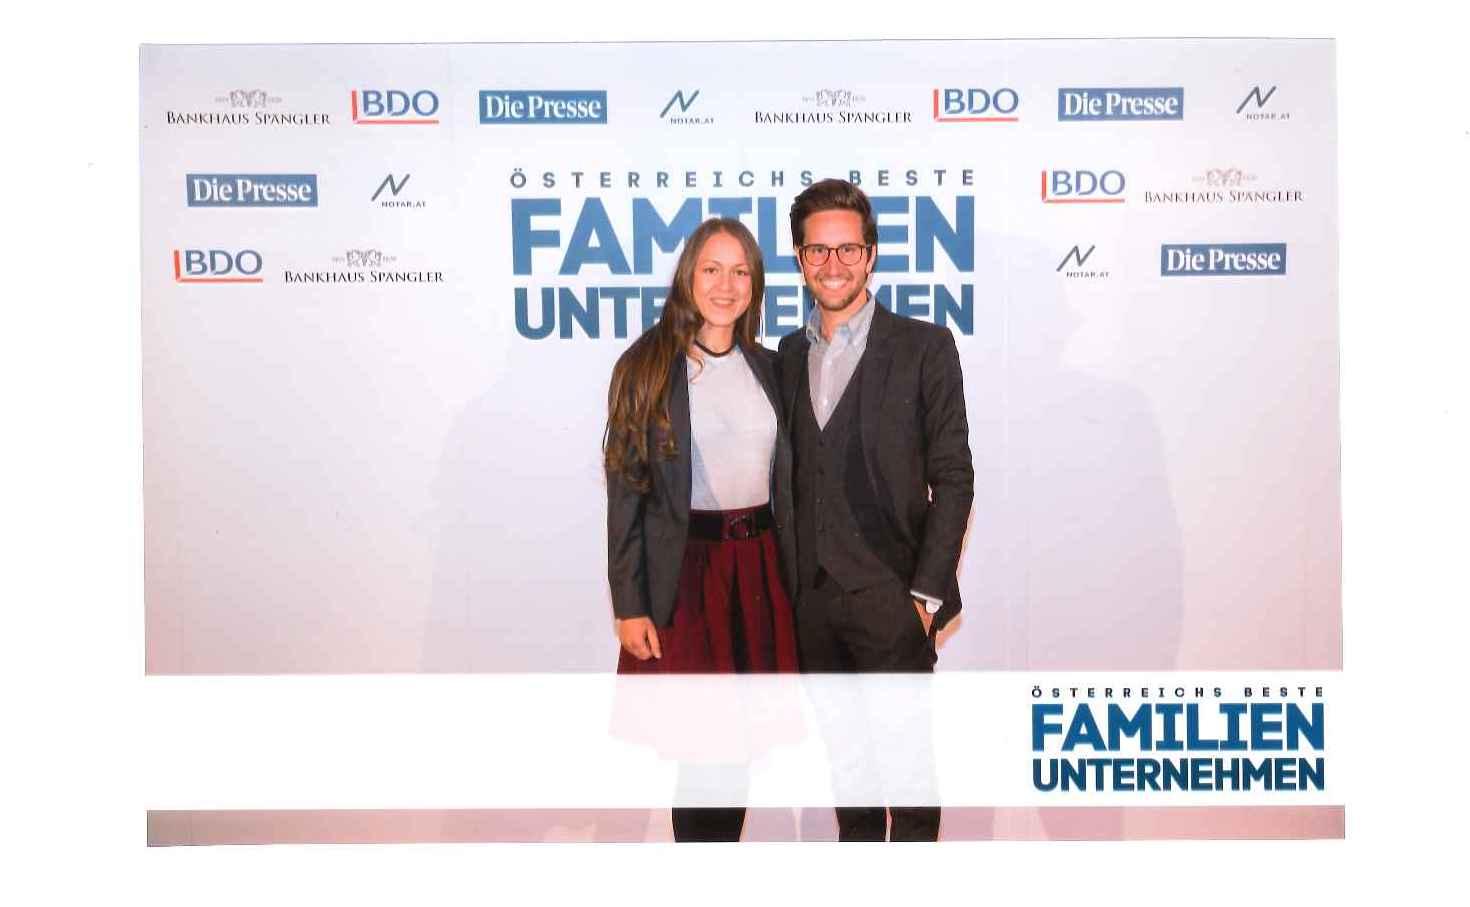 2019-05-14 R&H Österreichs Beste Familienunternehmen (7)